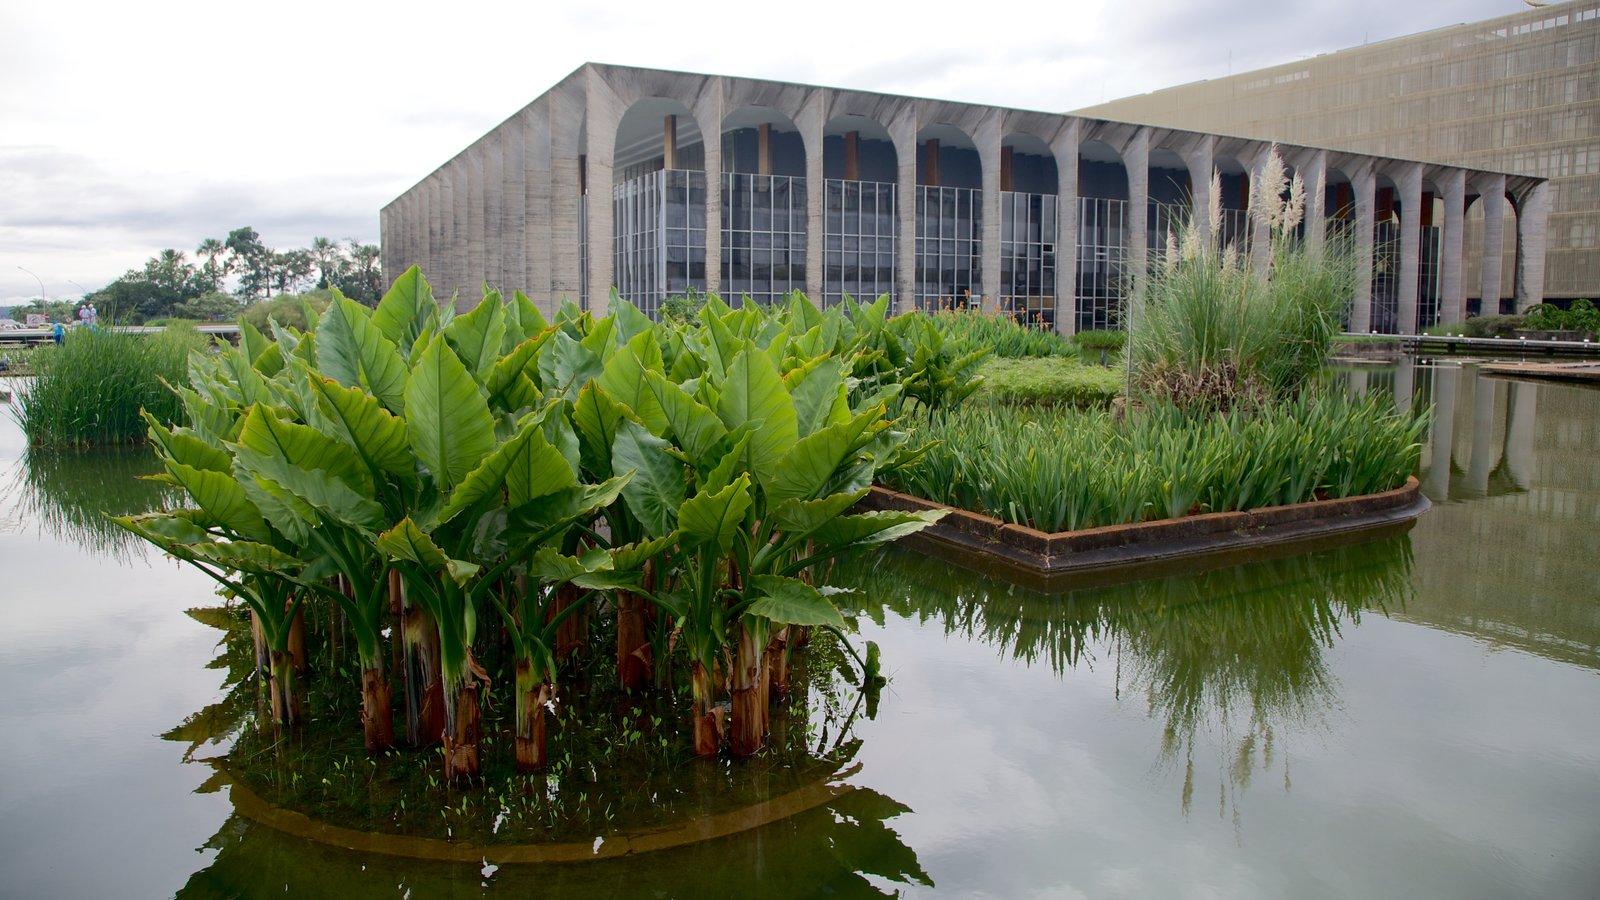 Palácio do Itamaraty que inclui arquitetura moderna, um pequeno castelo ou palácio e arte ao ar livre